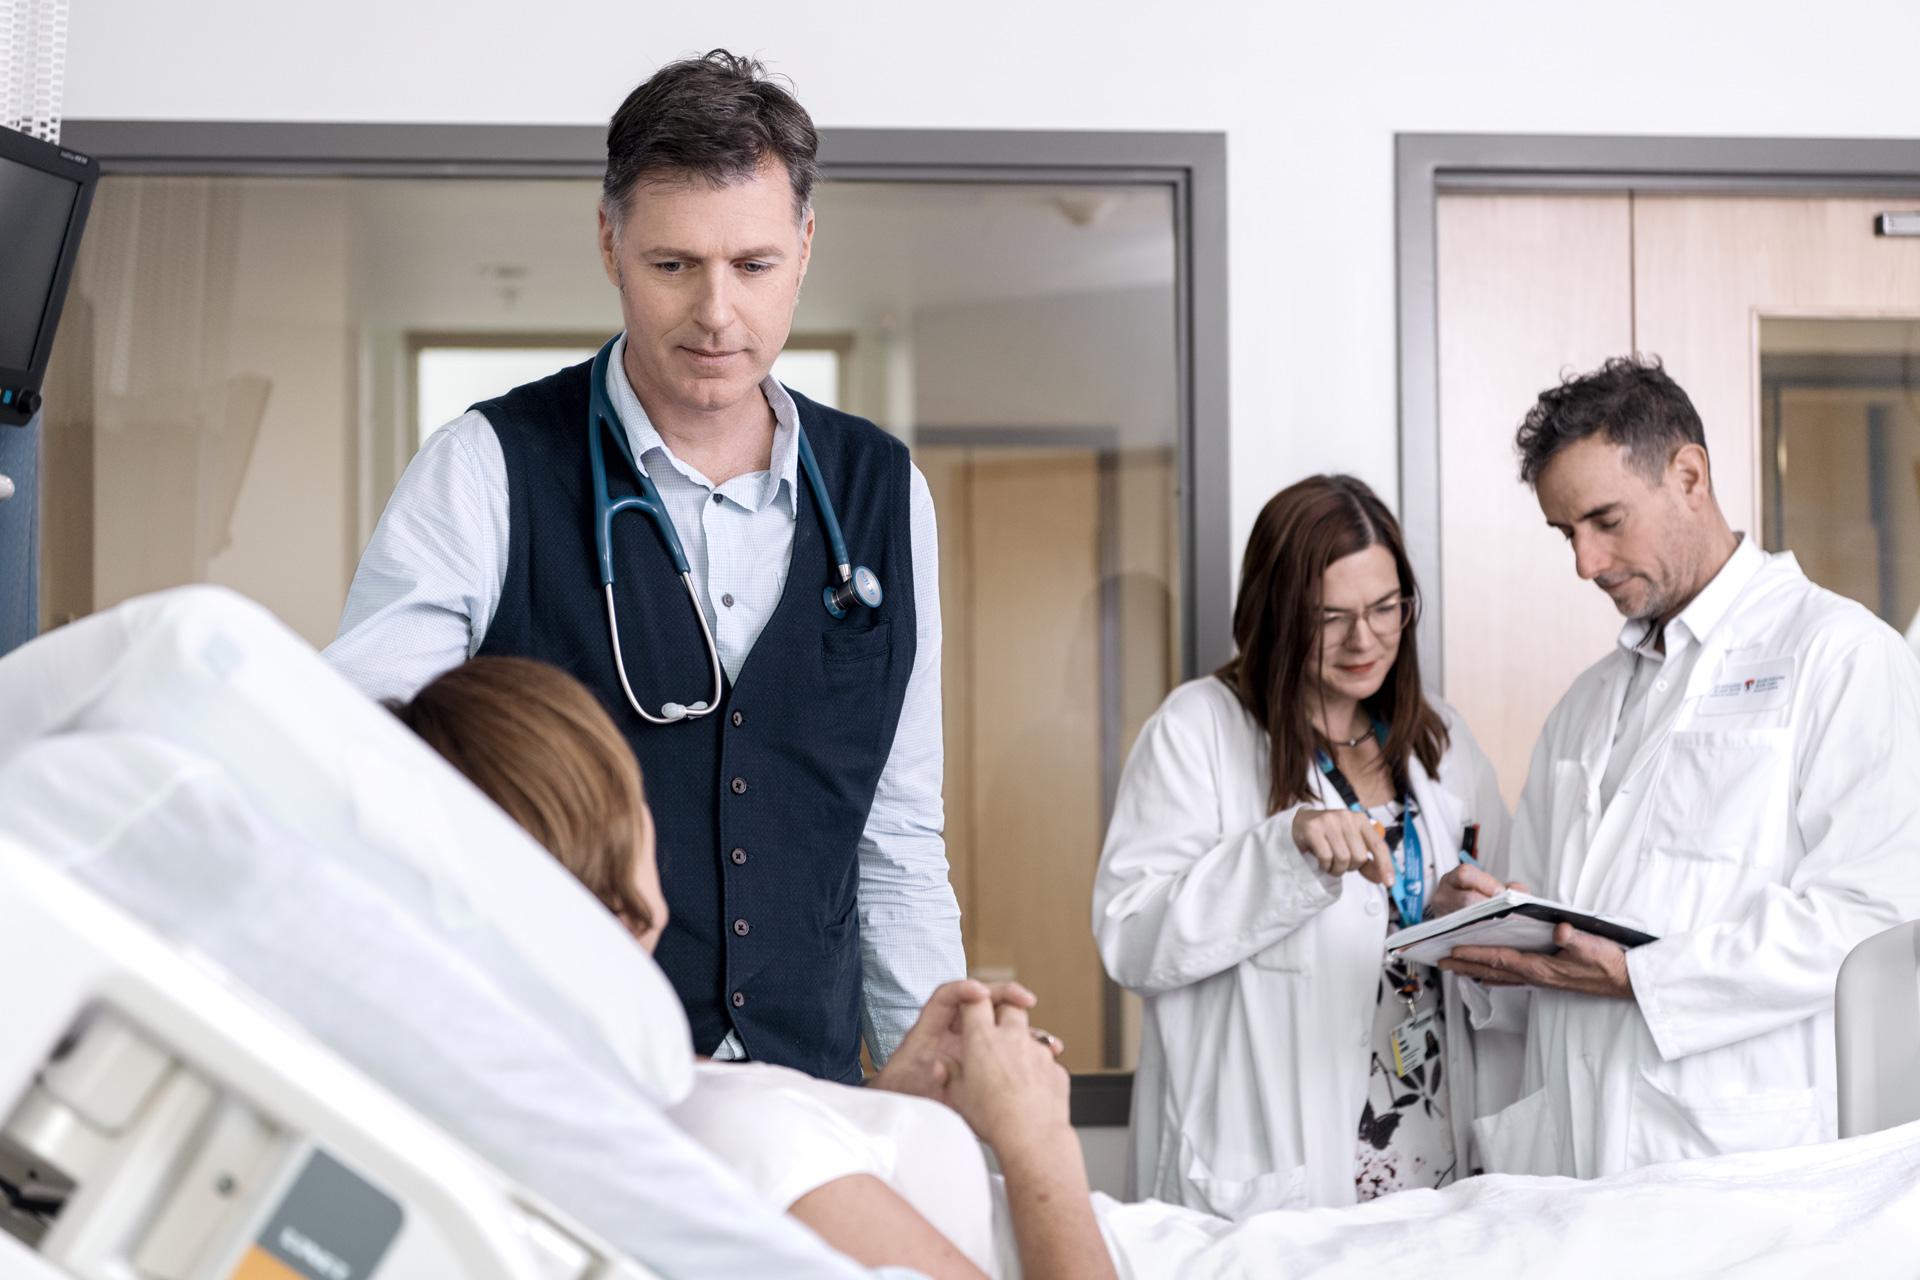 Dr John Mitchell, Endocrinologue pédiatre Institut de recherche du Centre universitaire de santé de Montréal (IR-CUSM)